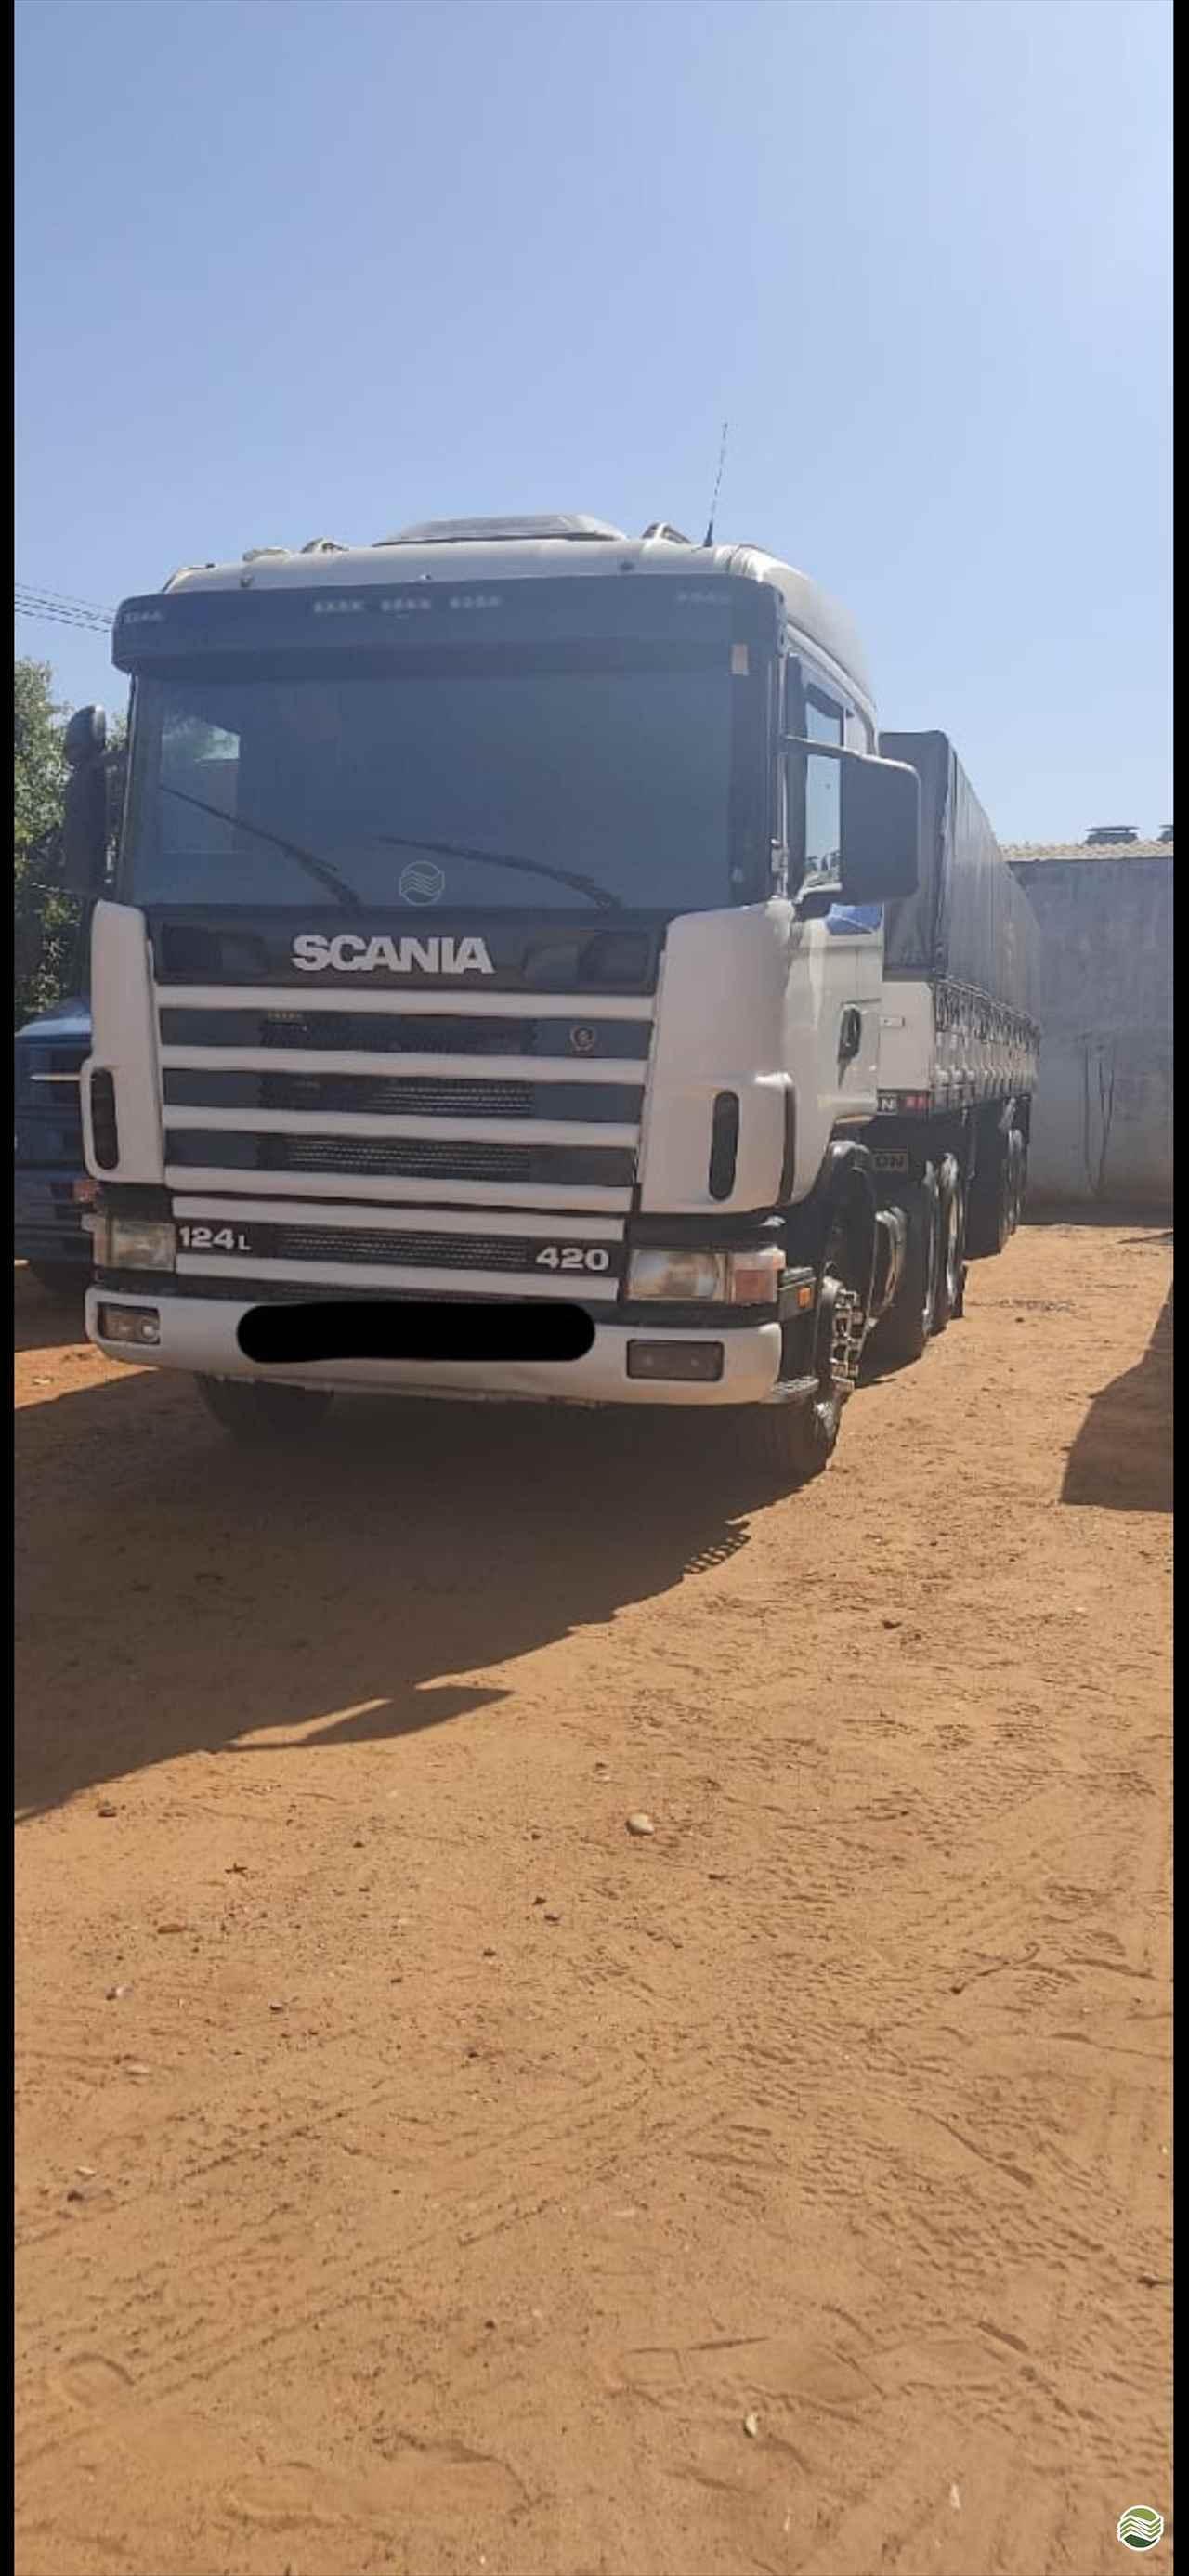 CAMINHAO SCANIA SCANIA 124 420 Cavalo Mecânico Truck 6x2 JLC Máquinas SANTA MERCEDES SÃO PAULO SP